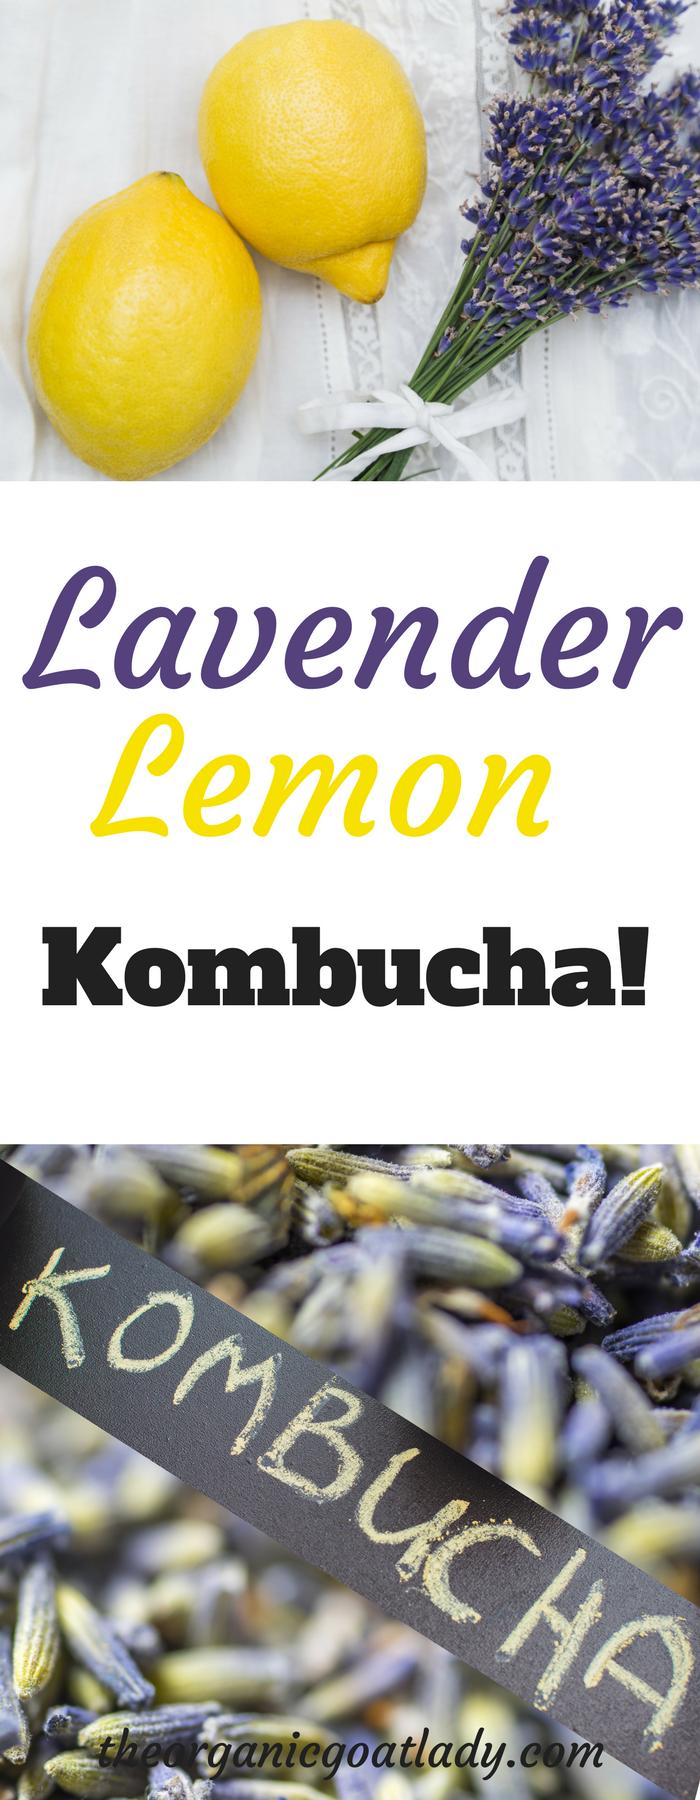 Lavender Lemon Kombucha!